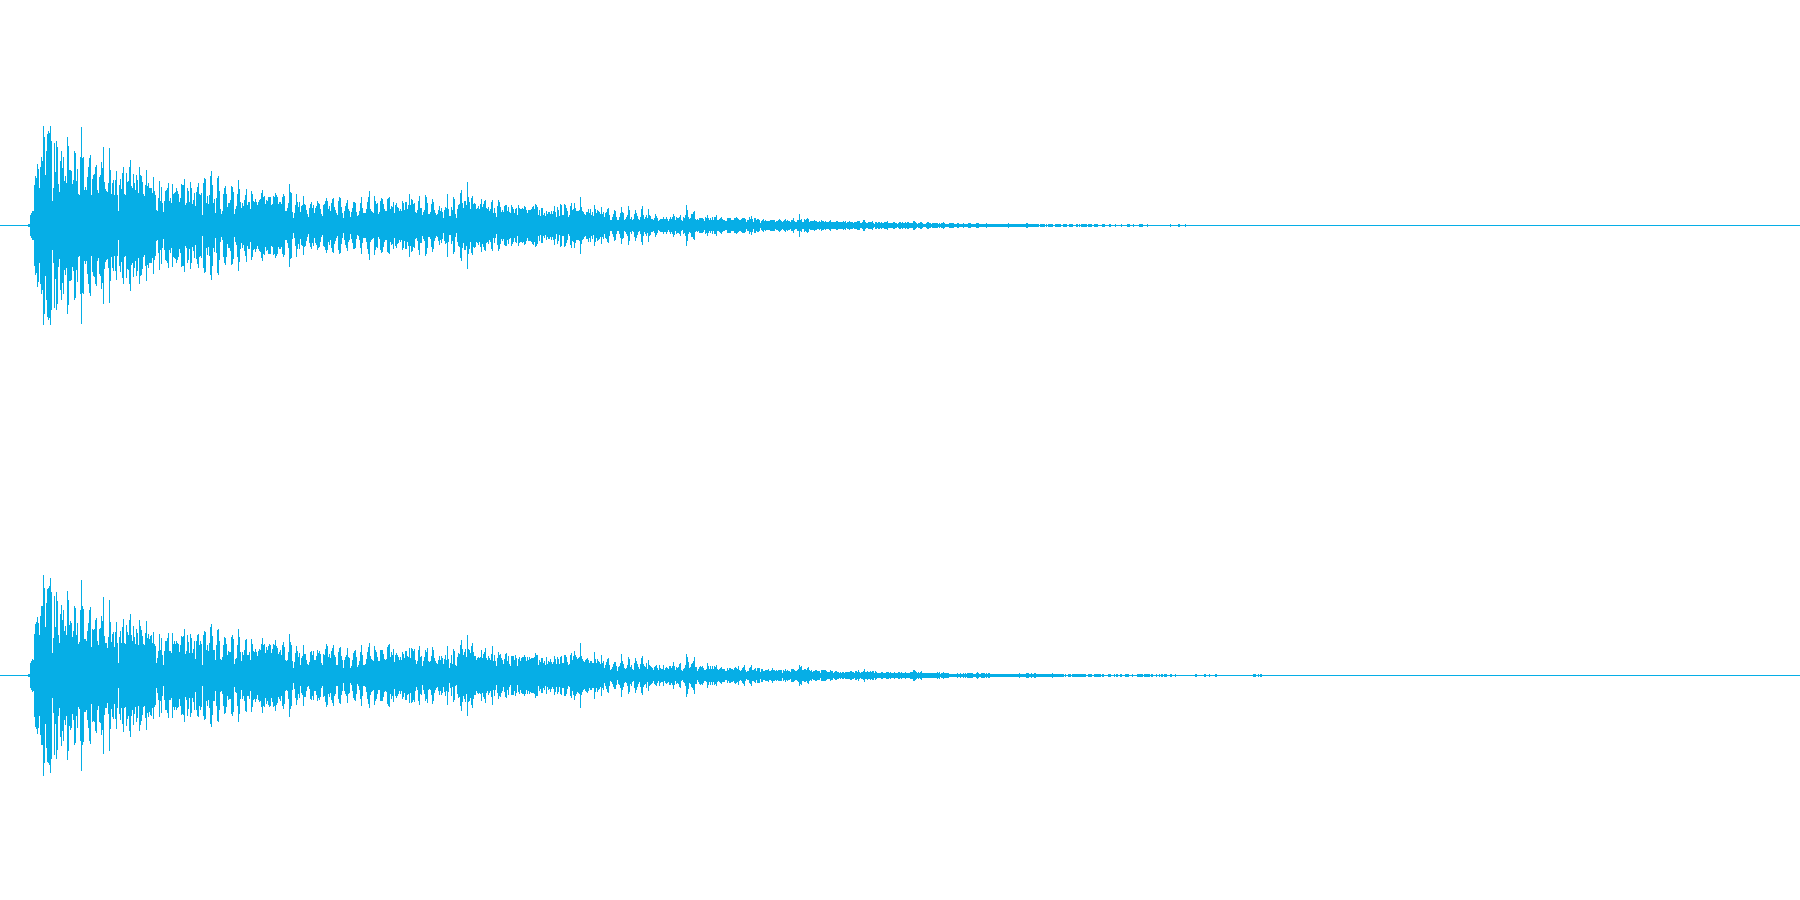 【ネガティブ05-3】の再生済みの波形